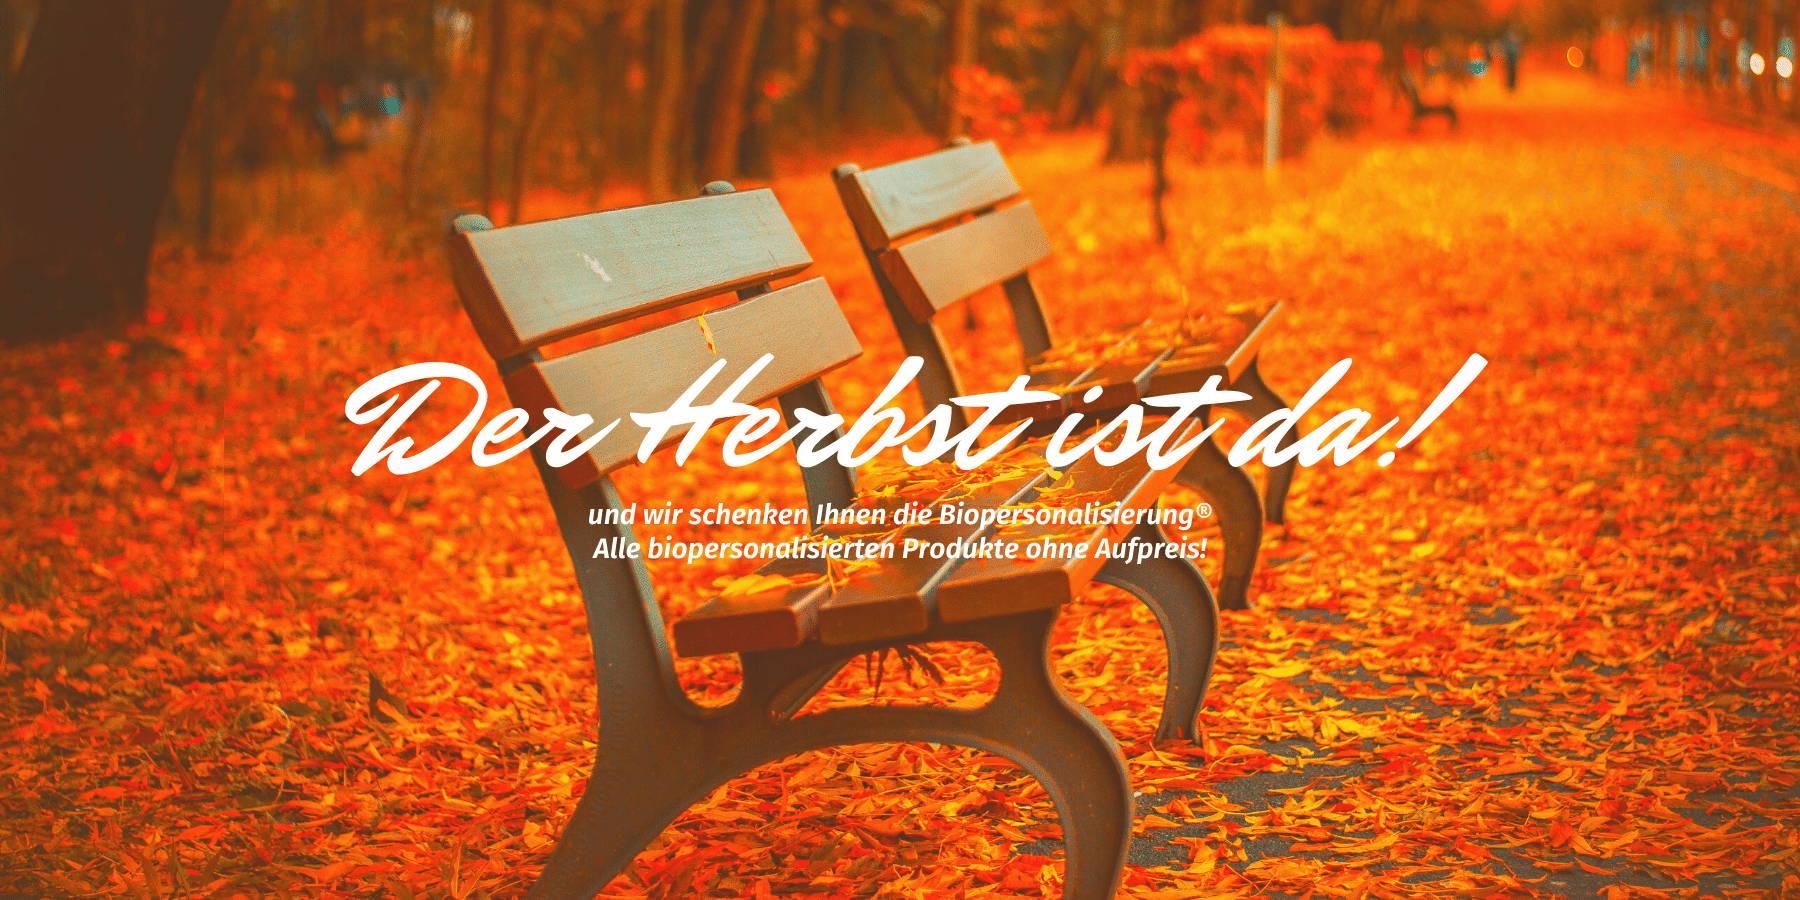 OSIRIUS® - Der Herbst ist da und wir schenken Ihnen doe Biopersonalisierung